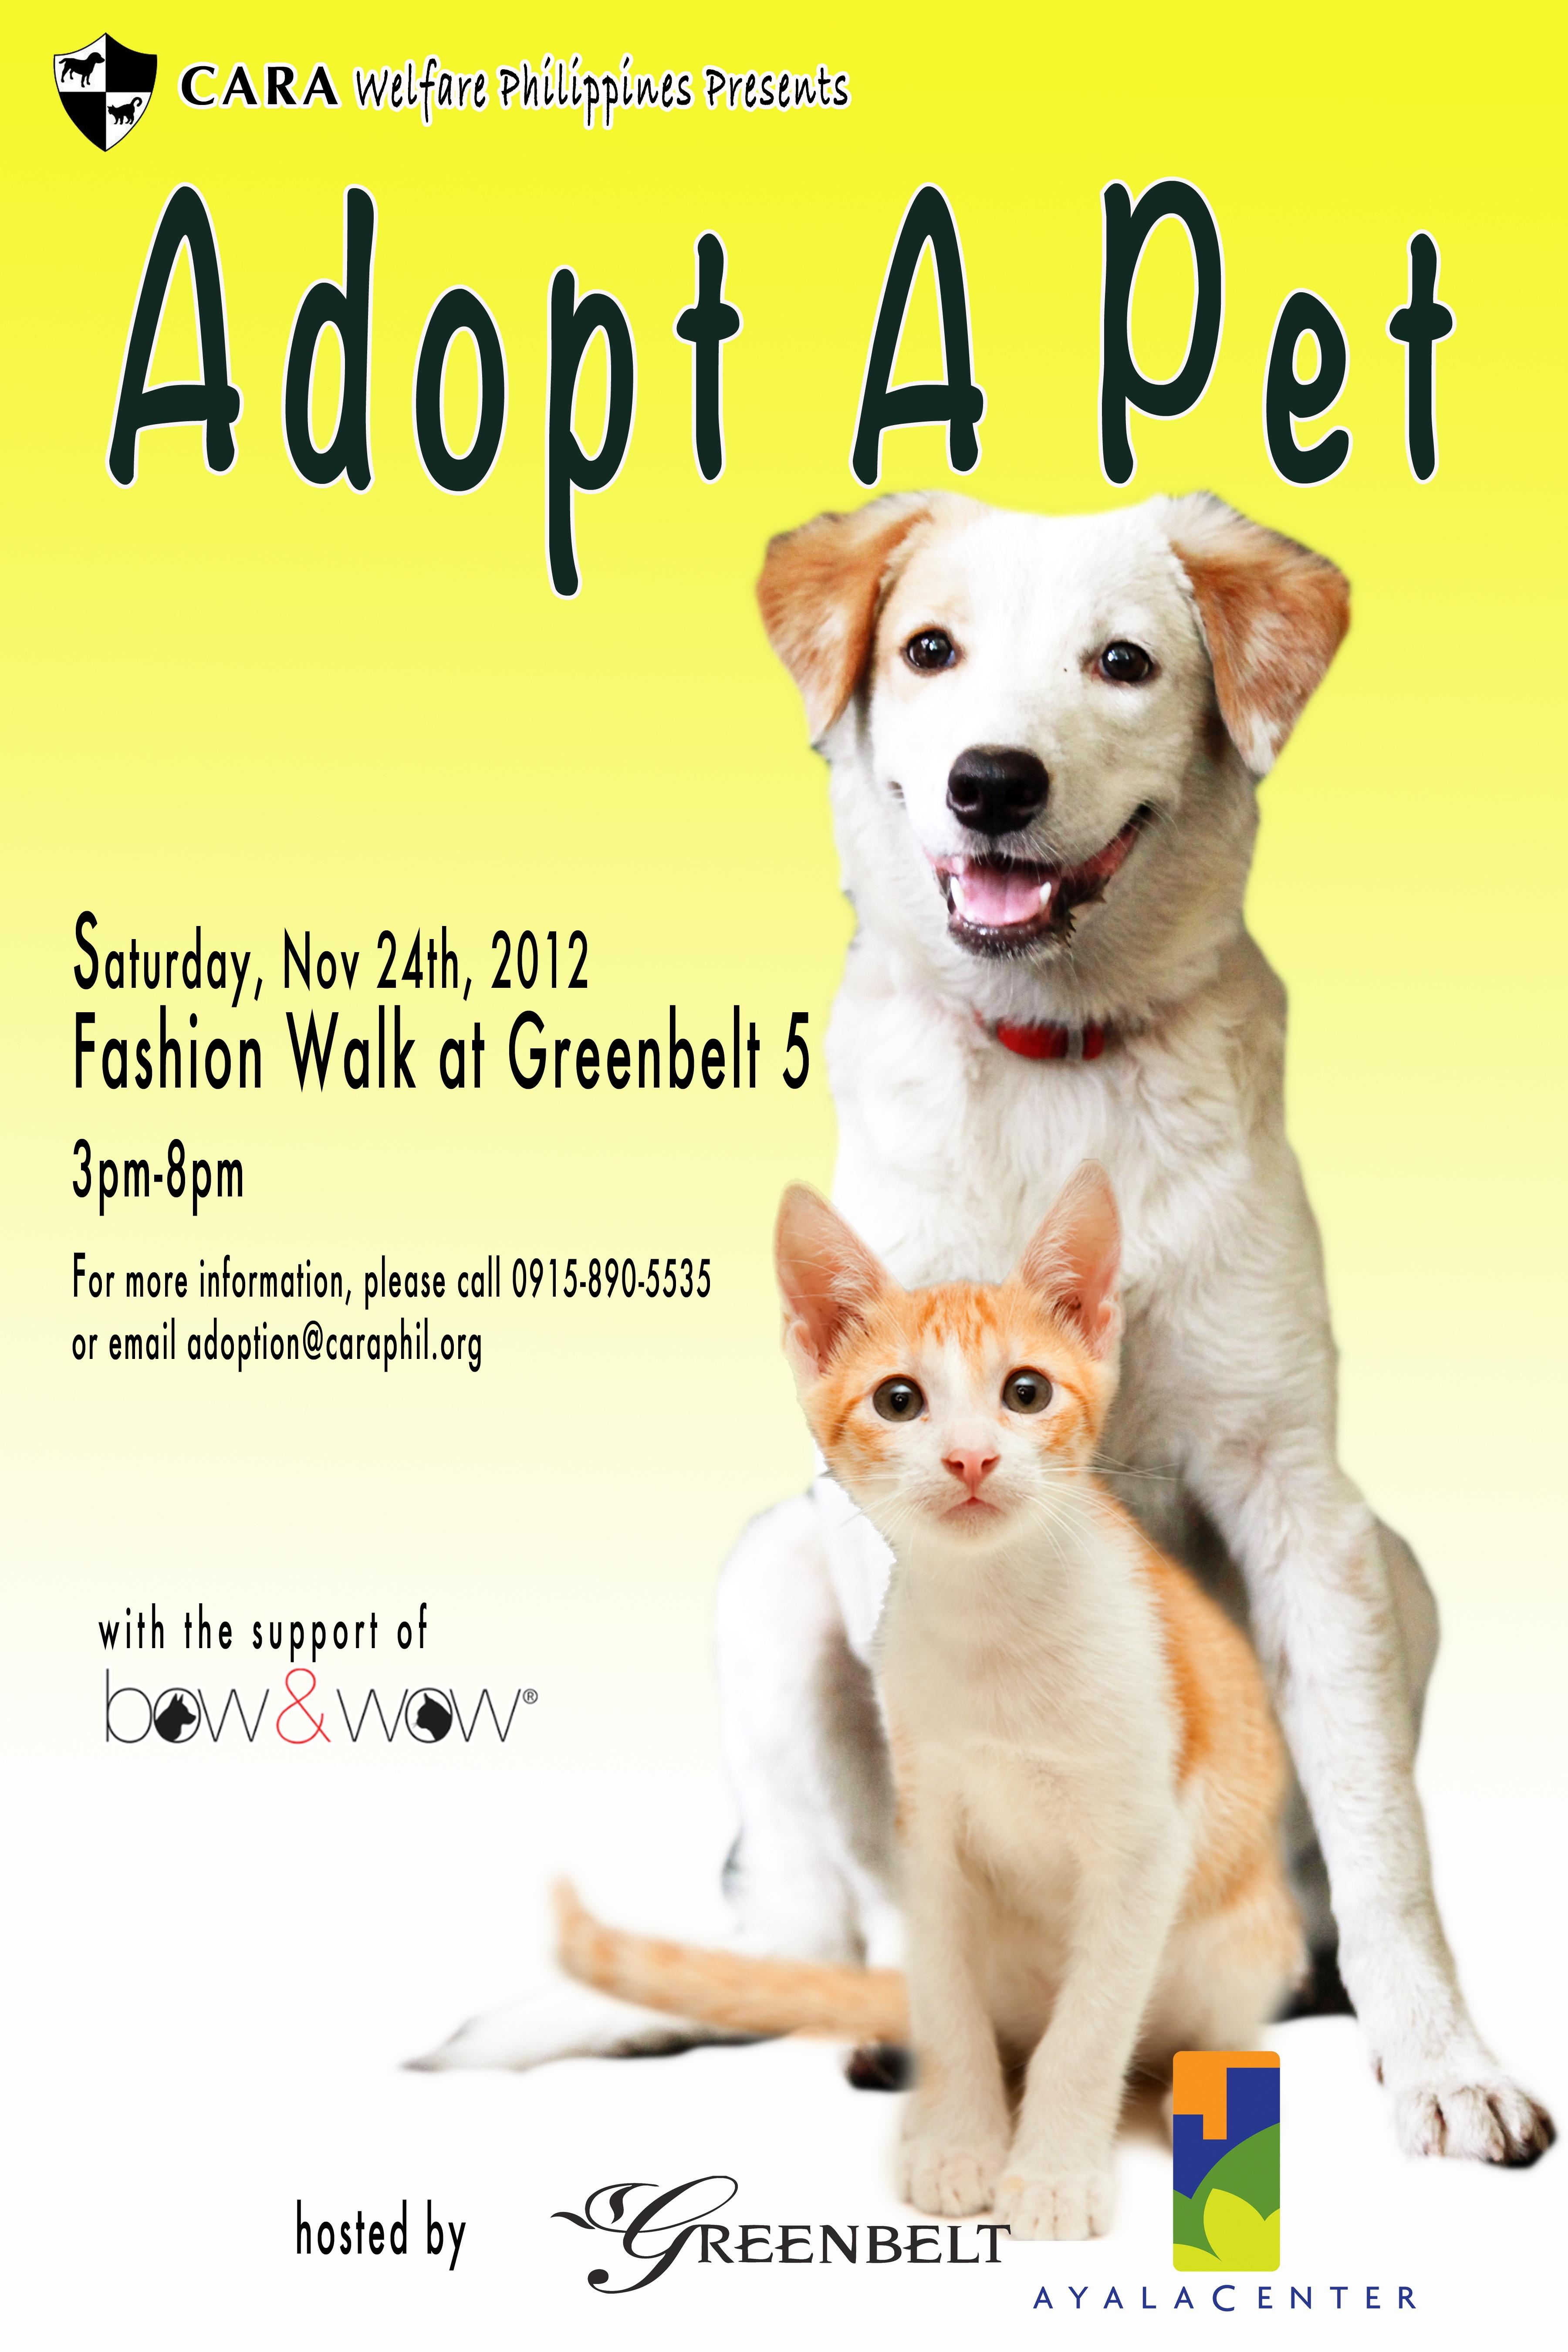 Adopt A Pet at Greenbelt 5!